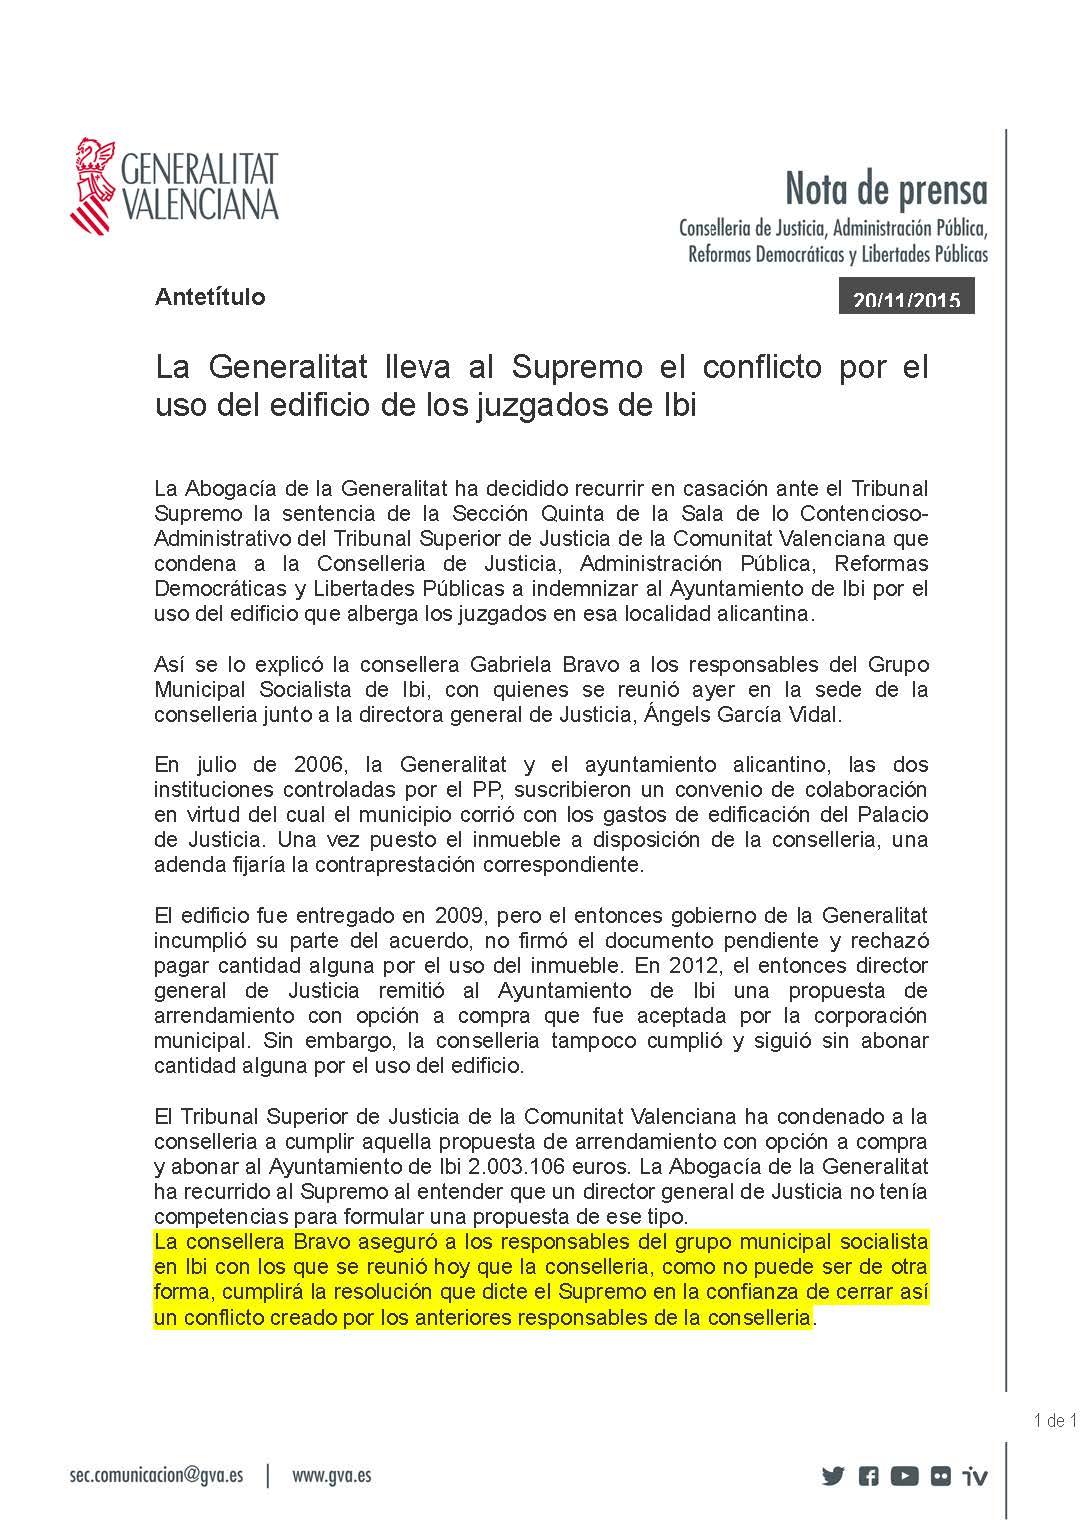 Nota Generalitat 20-11-15 Recurso y pago Palacio de Justicia